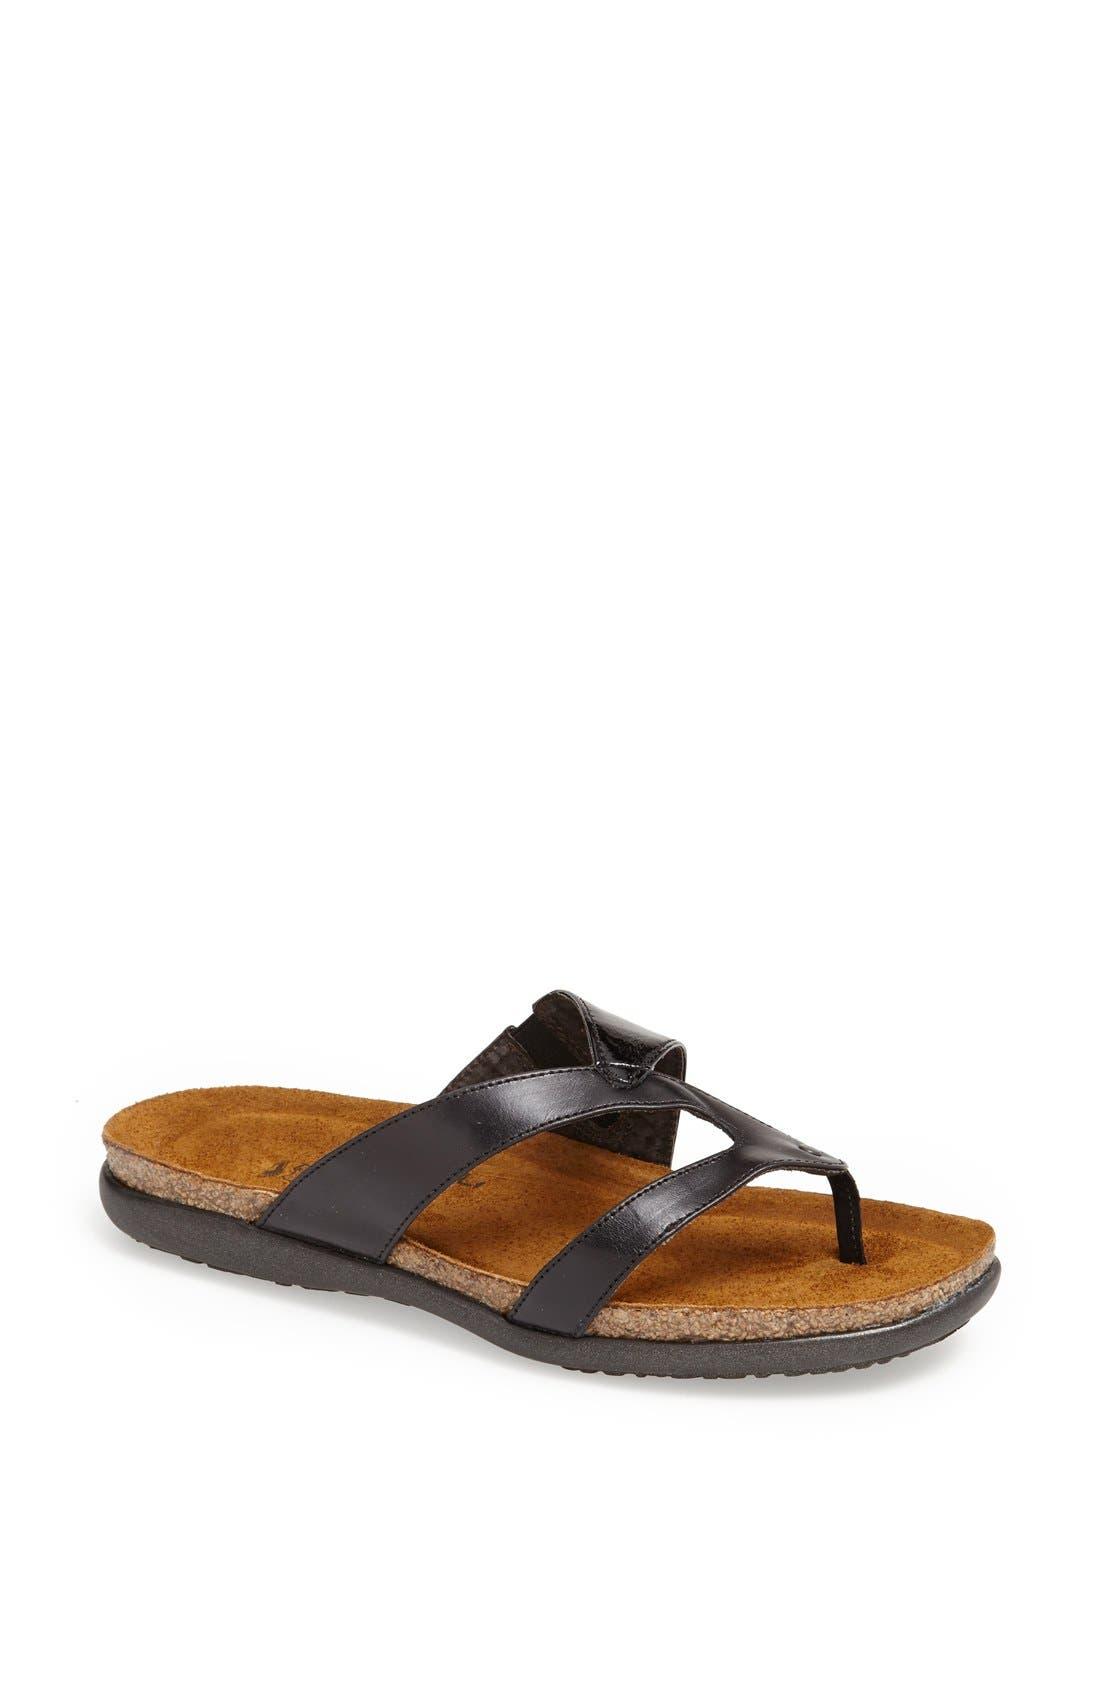 'Francine' Sandal,                         Main,                         color, Black